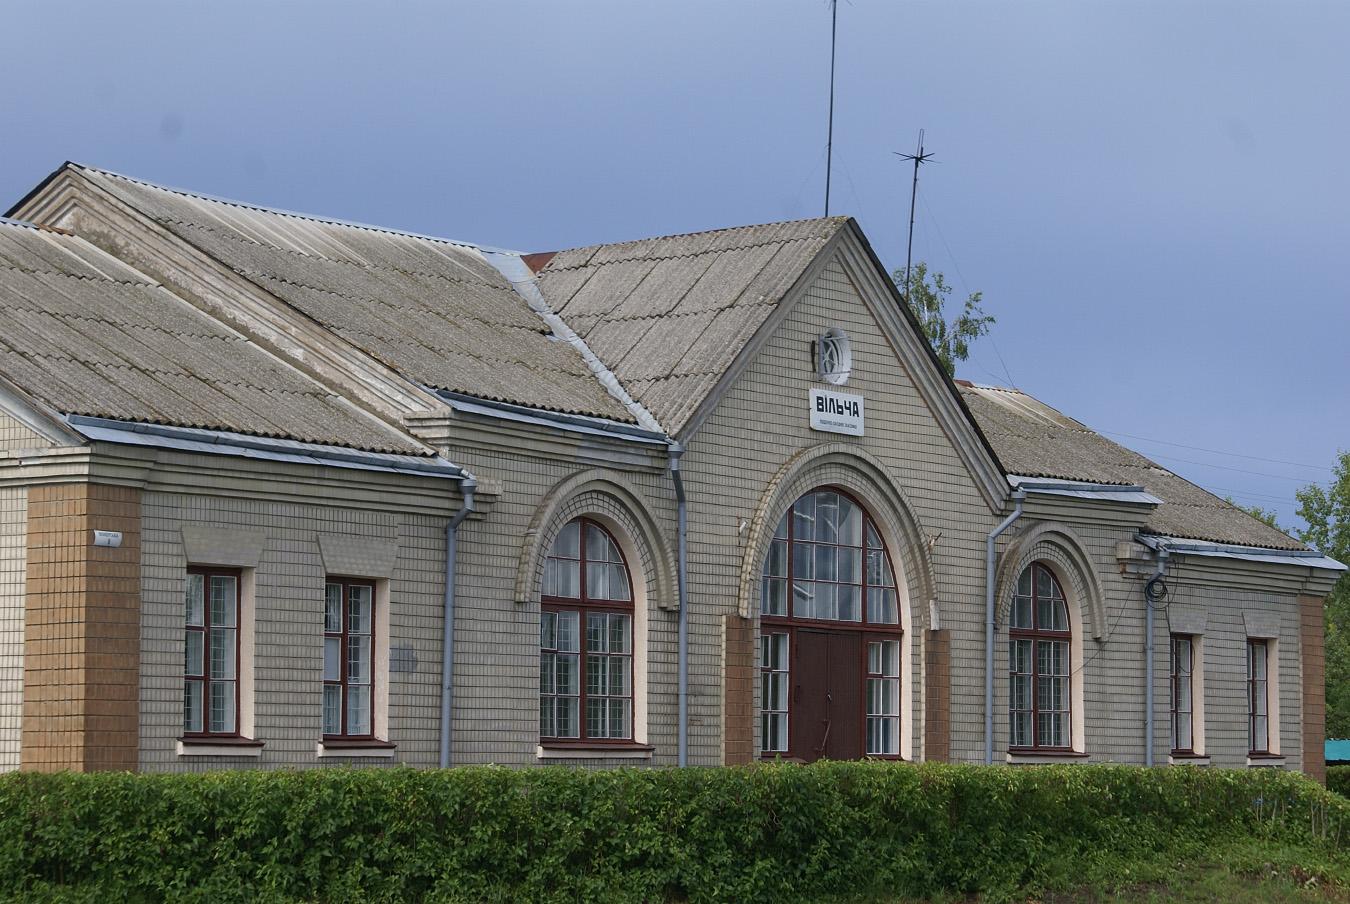 Станція Вільча. Київська область, Поліський район